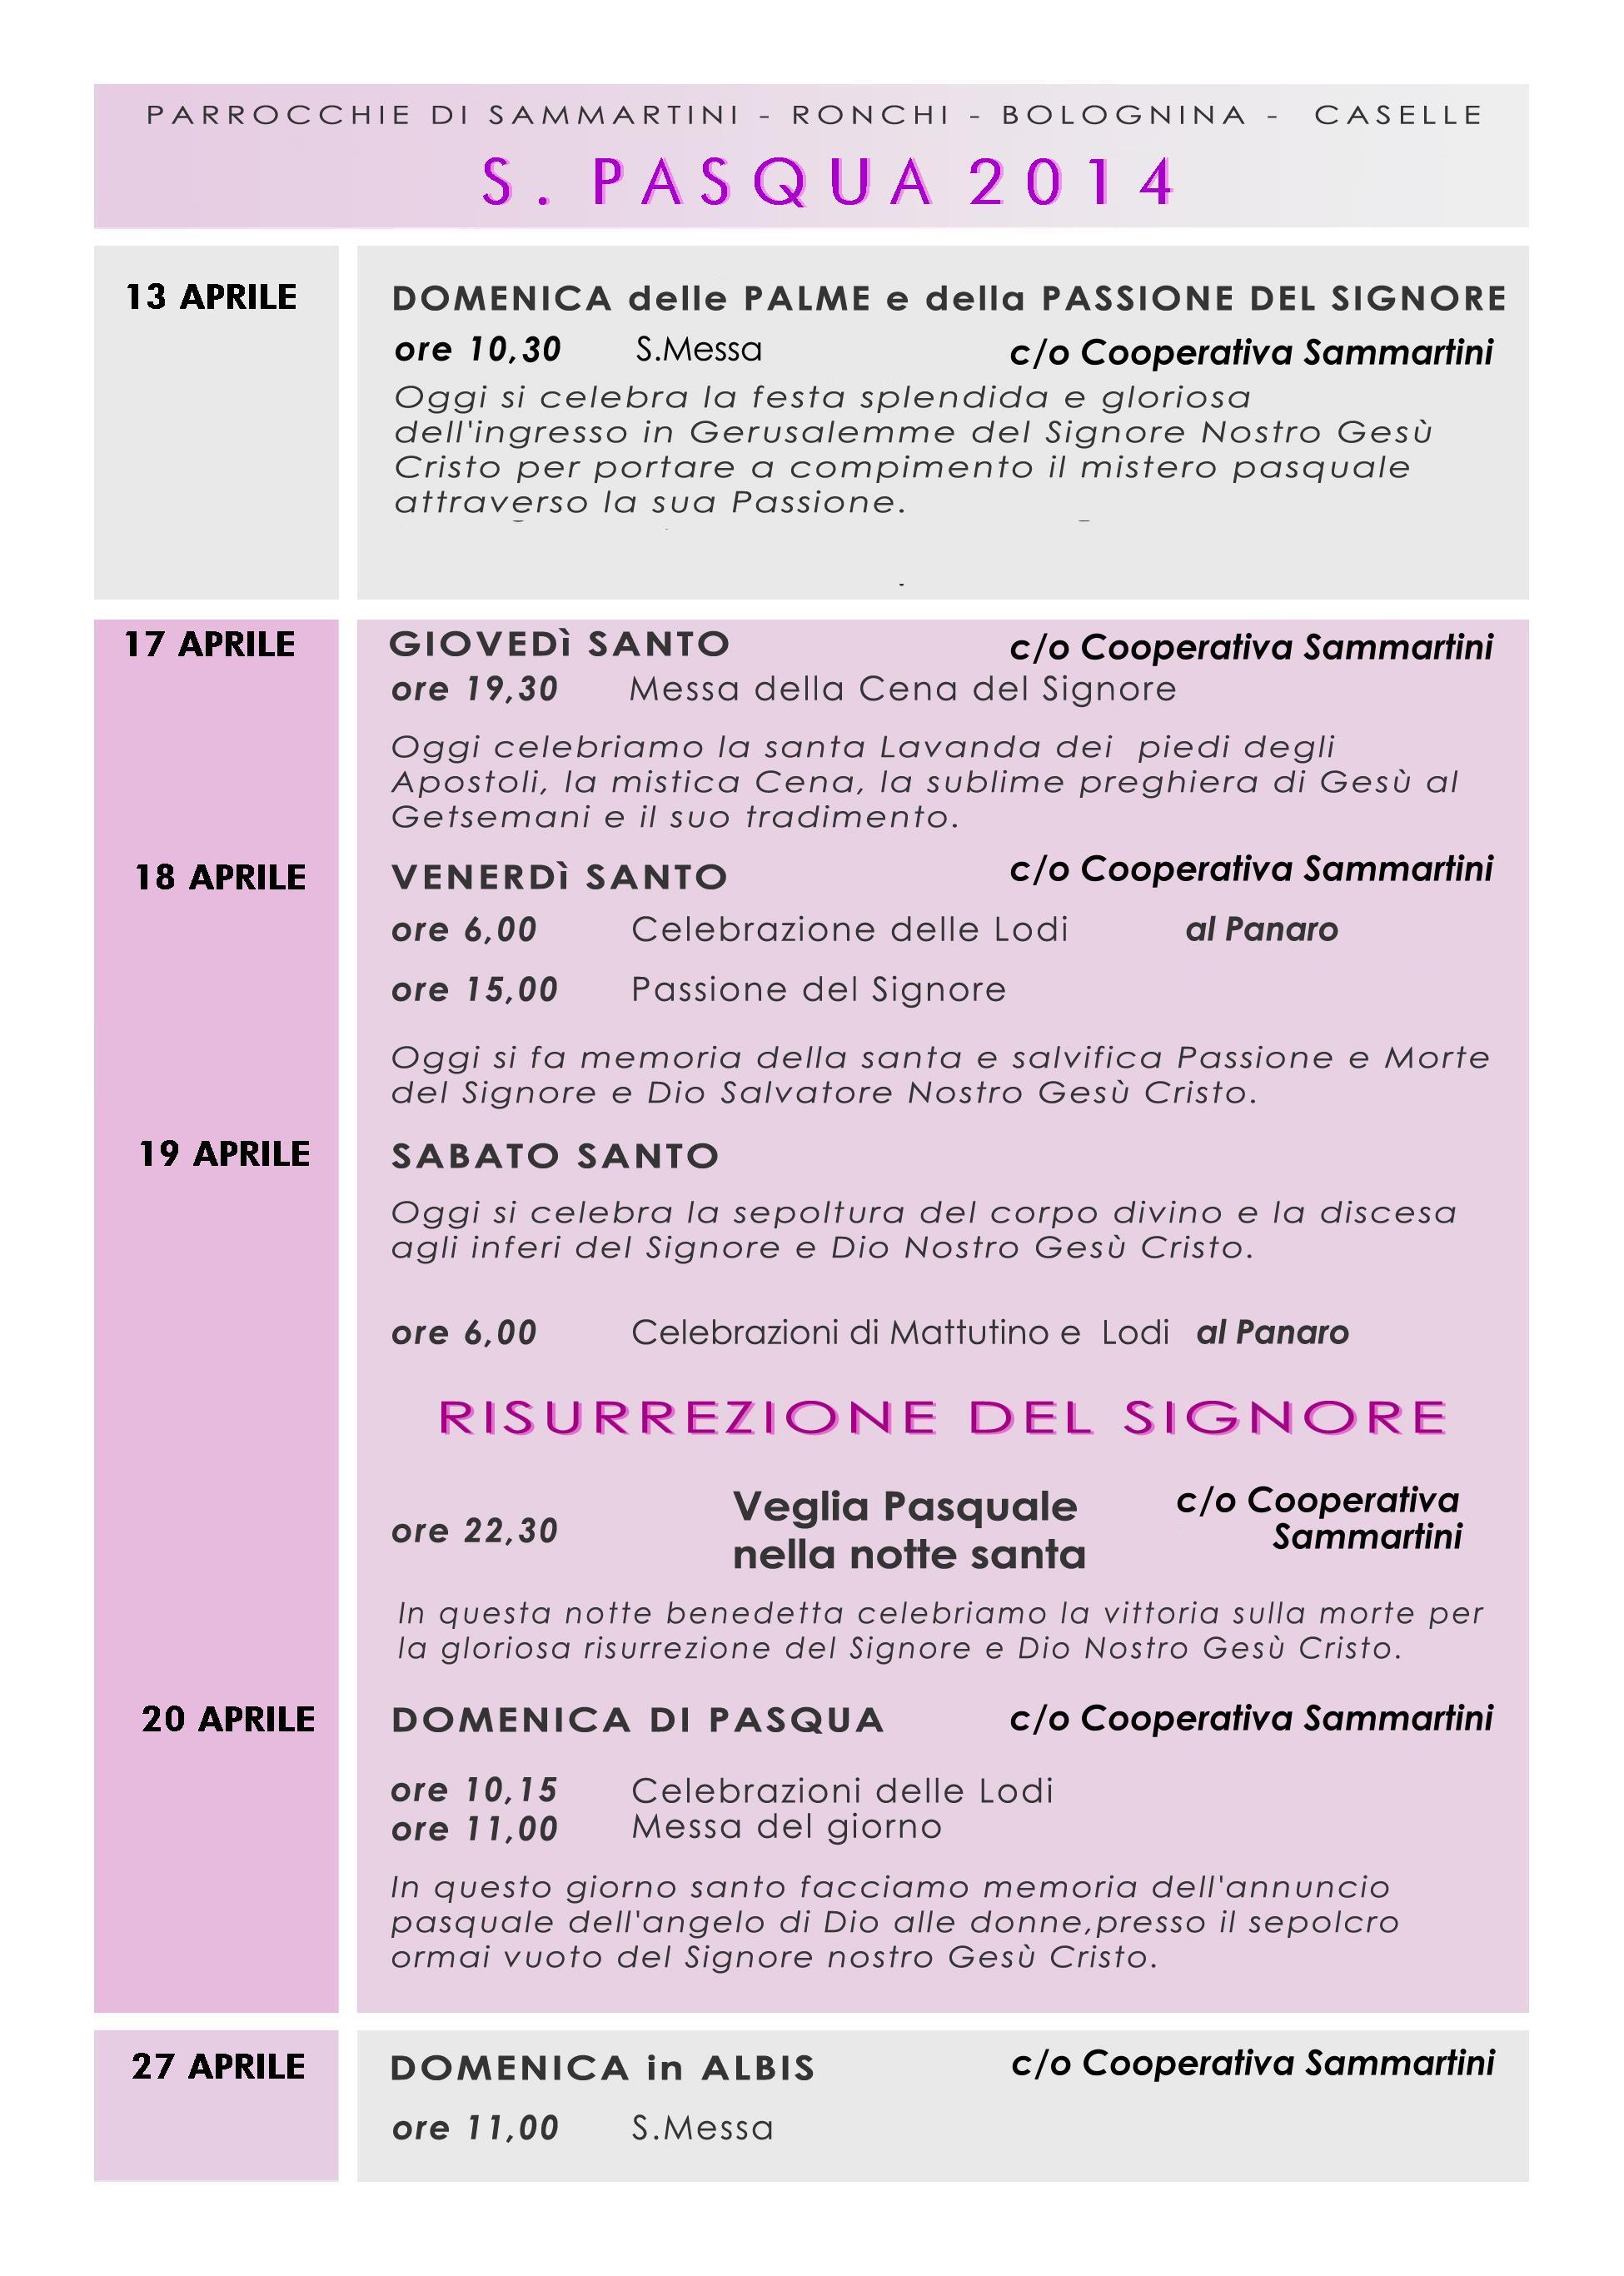 Liturgie pasquali a Sammartini 2014